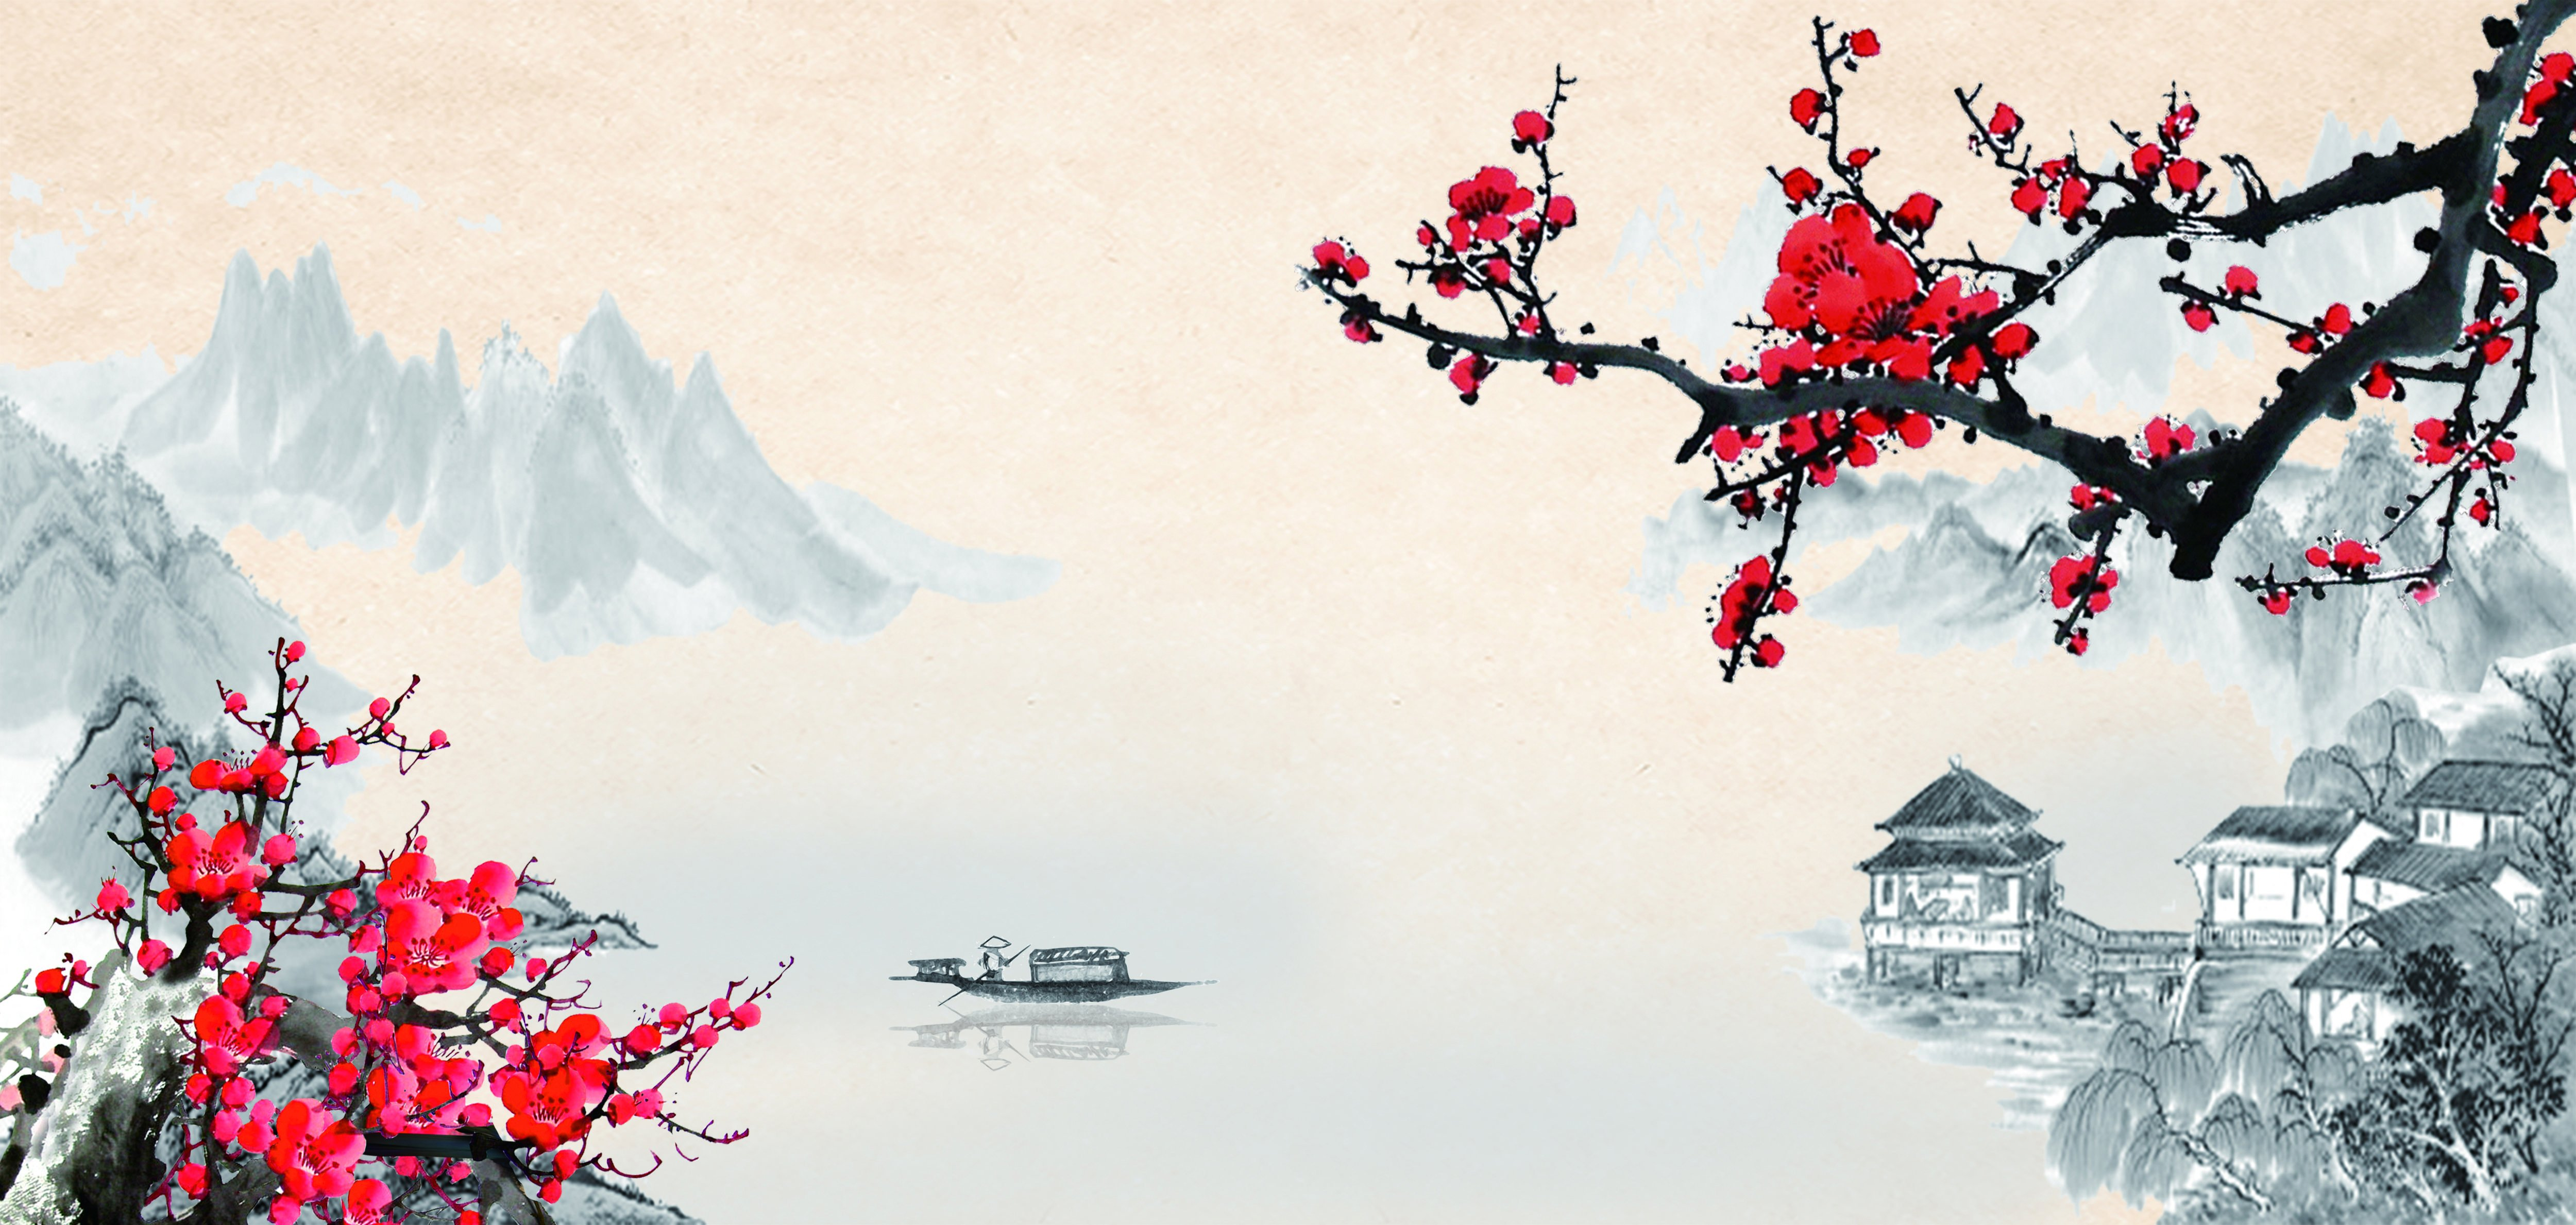 Китайская тема в картинках